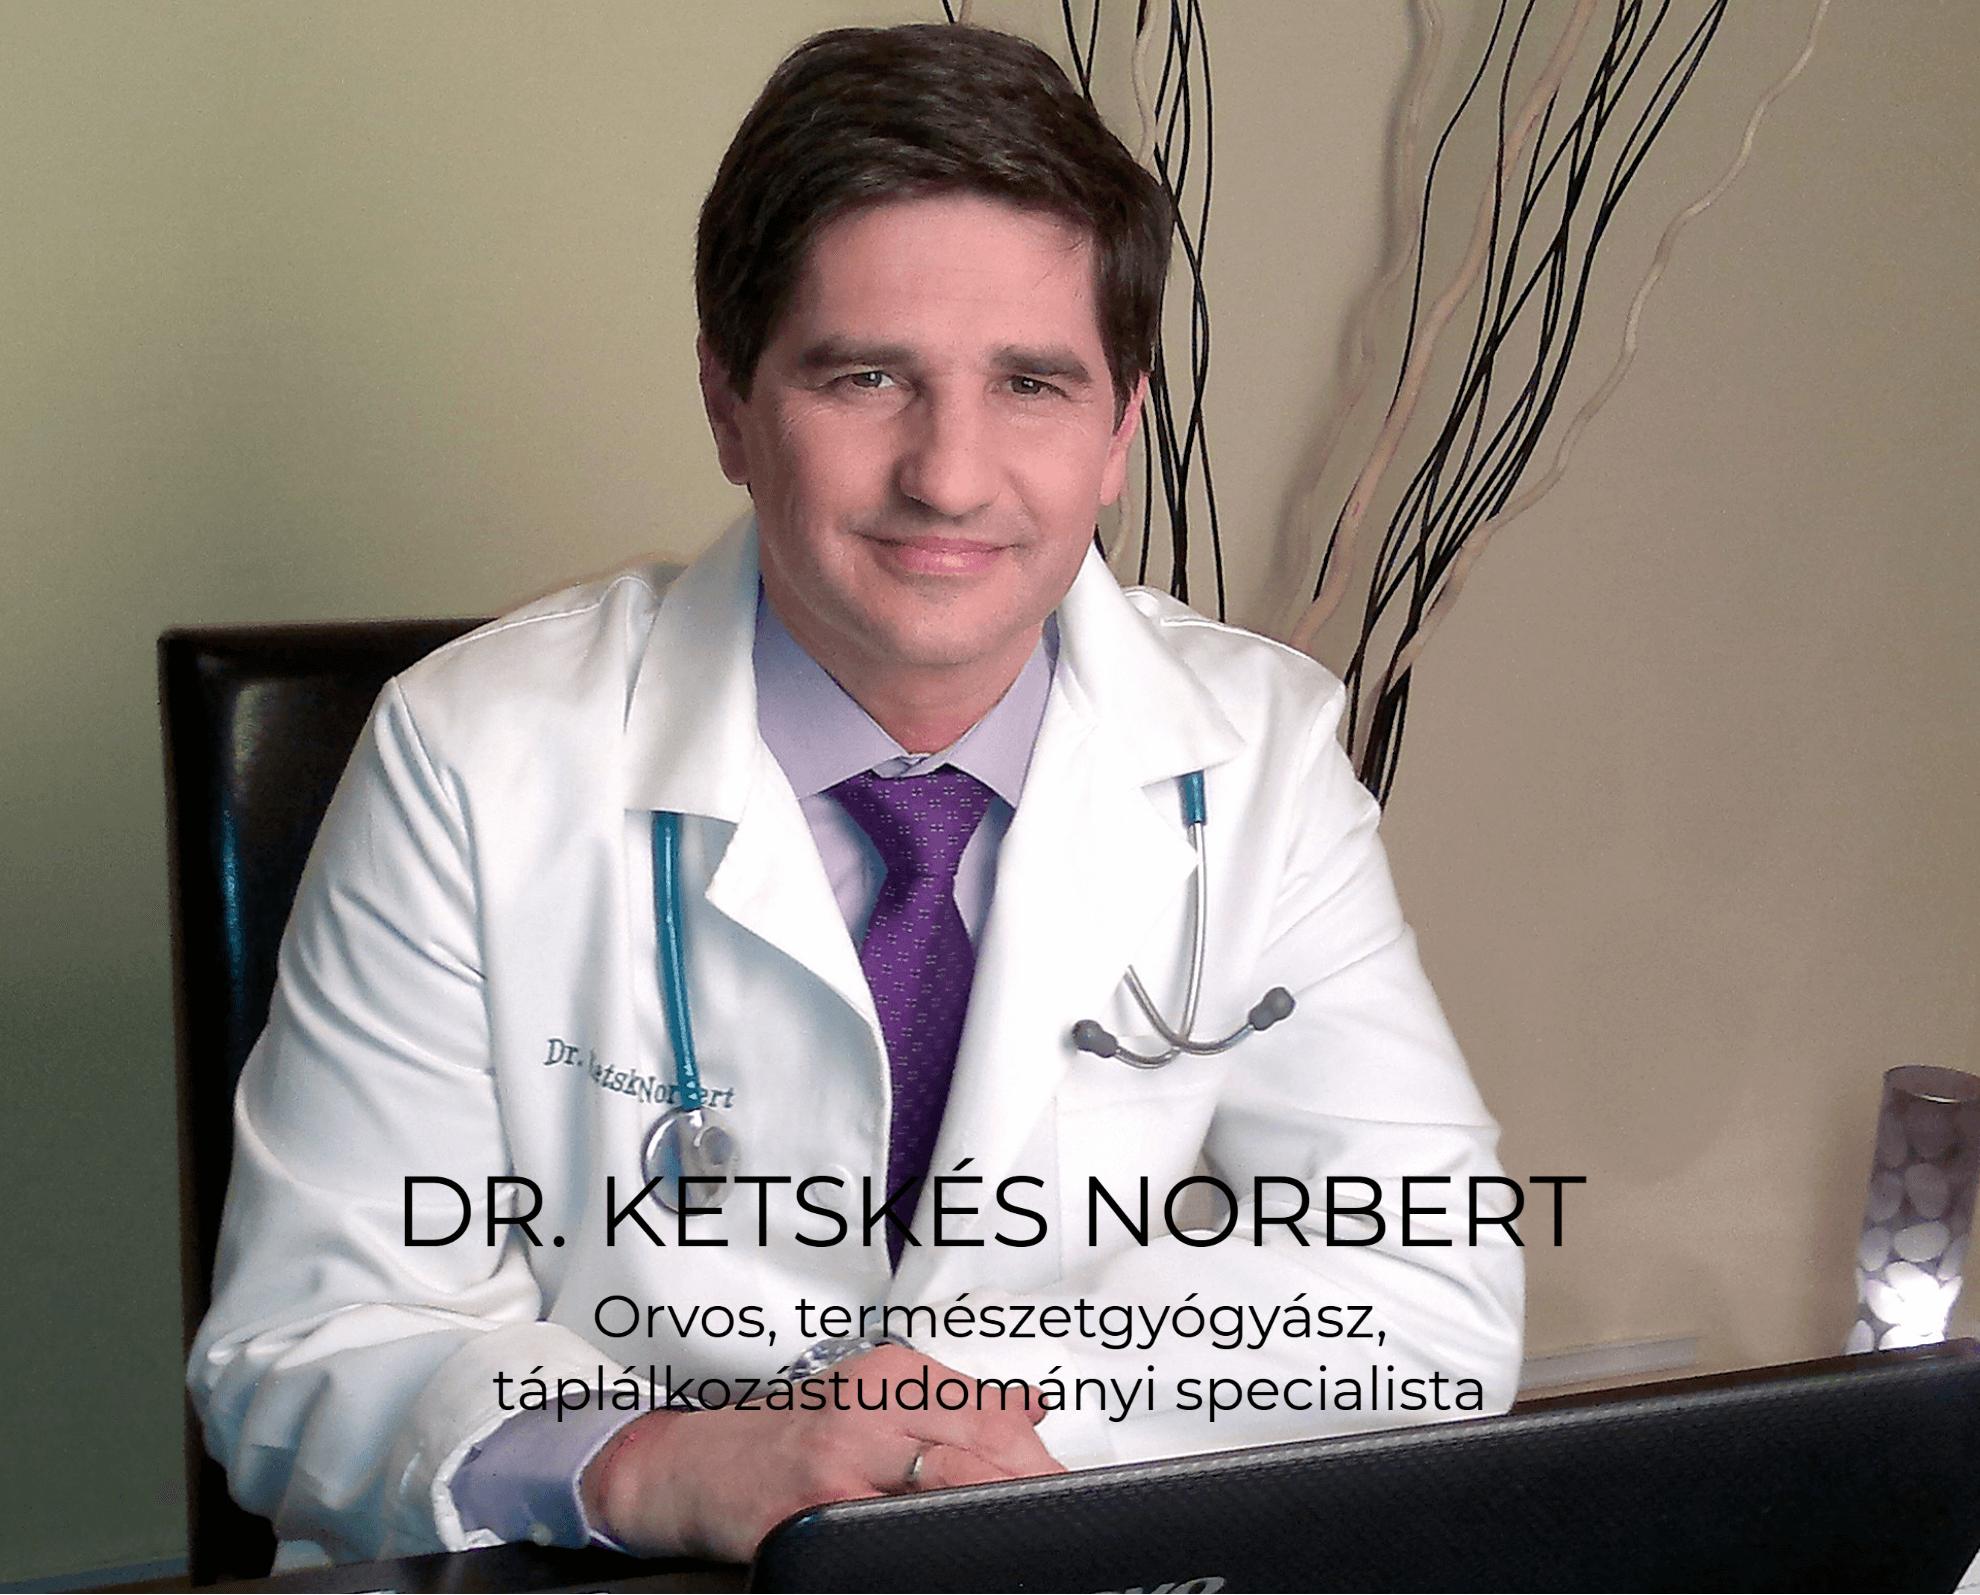 Dr. Ketskés Norbert orvos, természetgyógyász